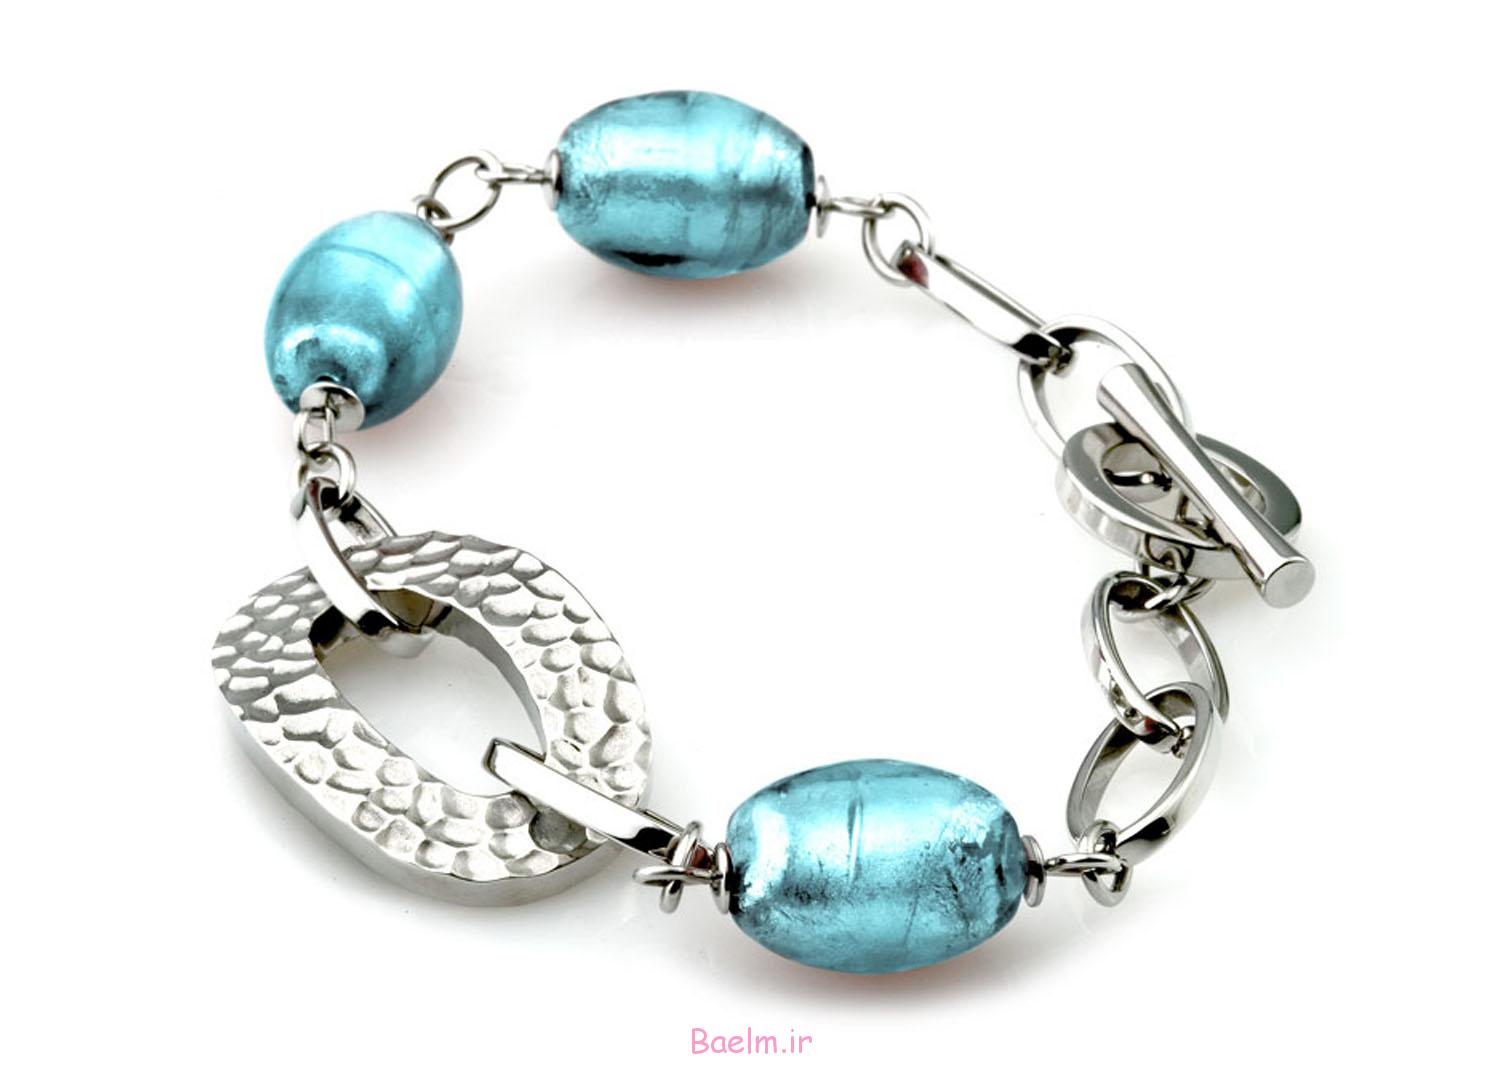 bracelets for women 5 Beautiful Bracelets For Women